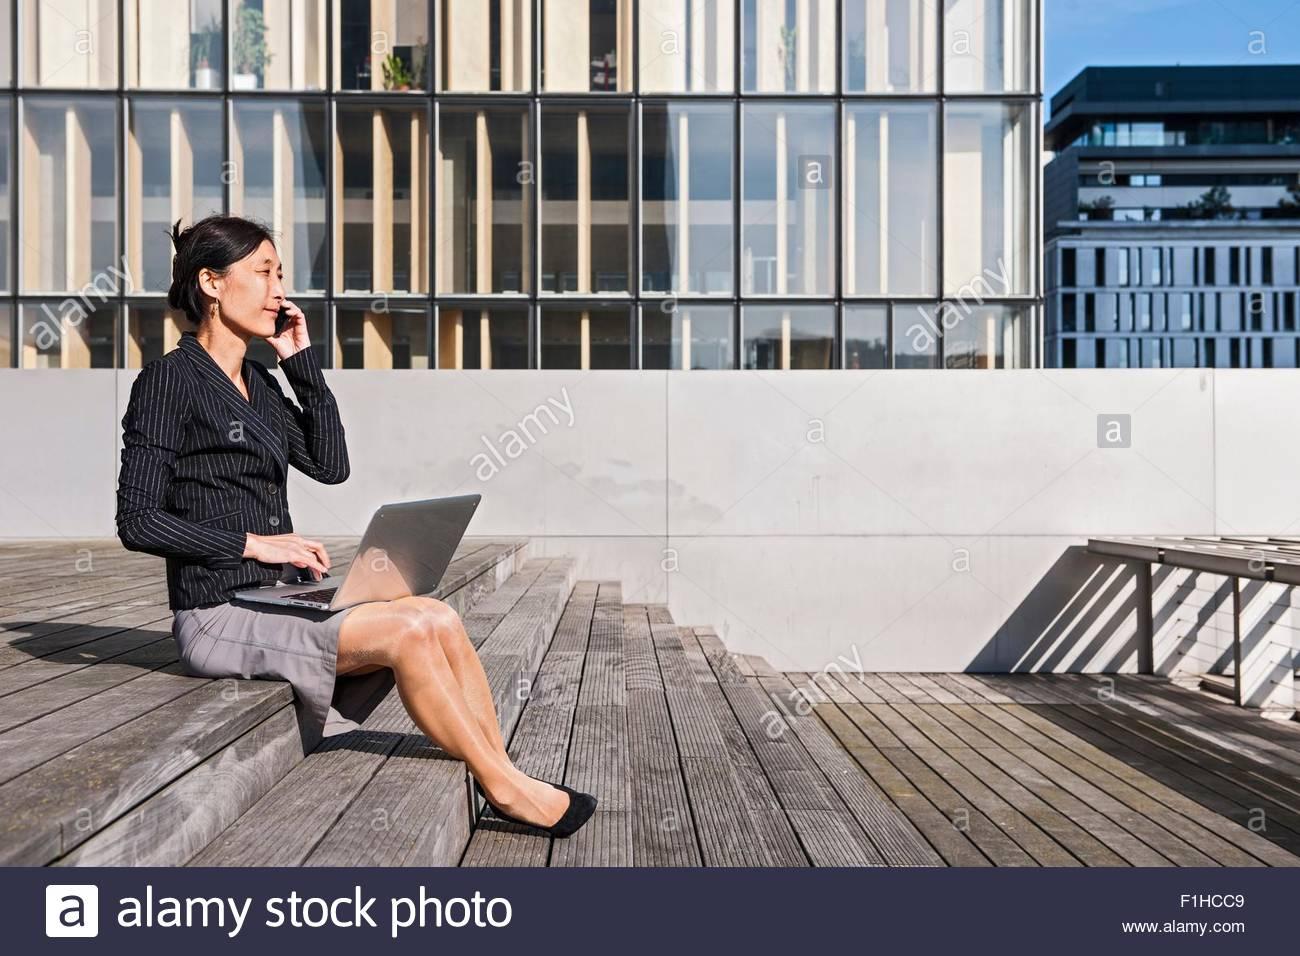 Businesswoman using laptop in front of high rise building, Paris, Île-de-France, France - Stock Image